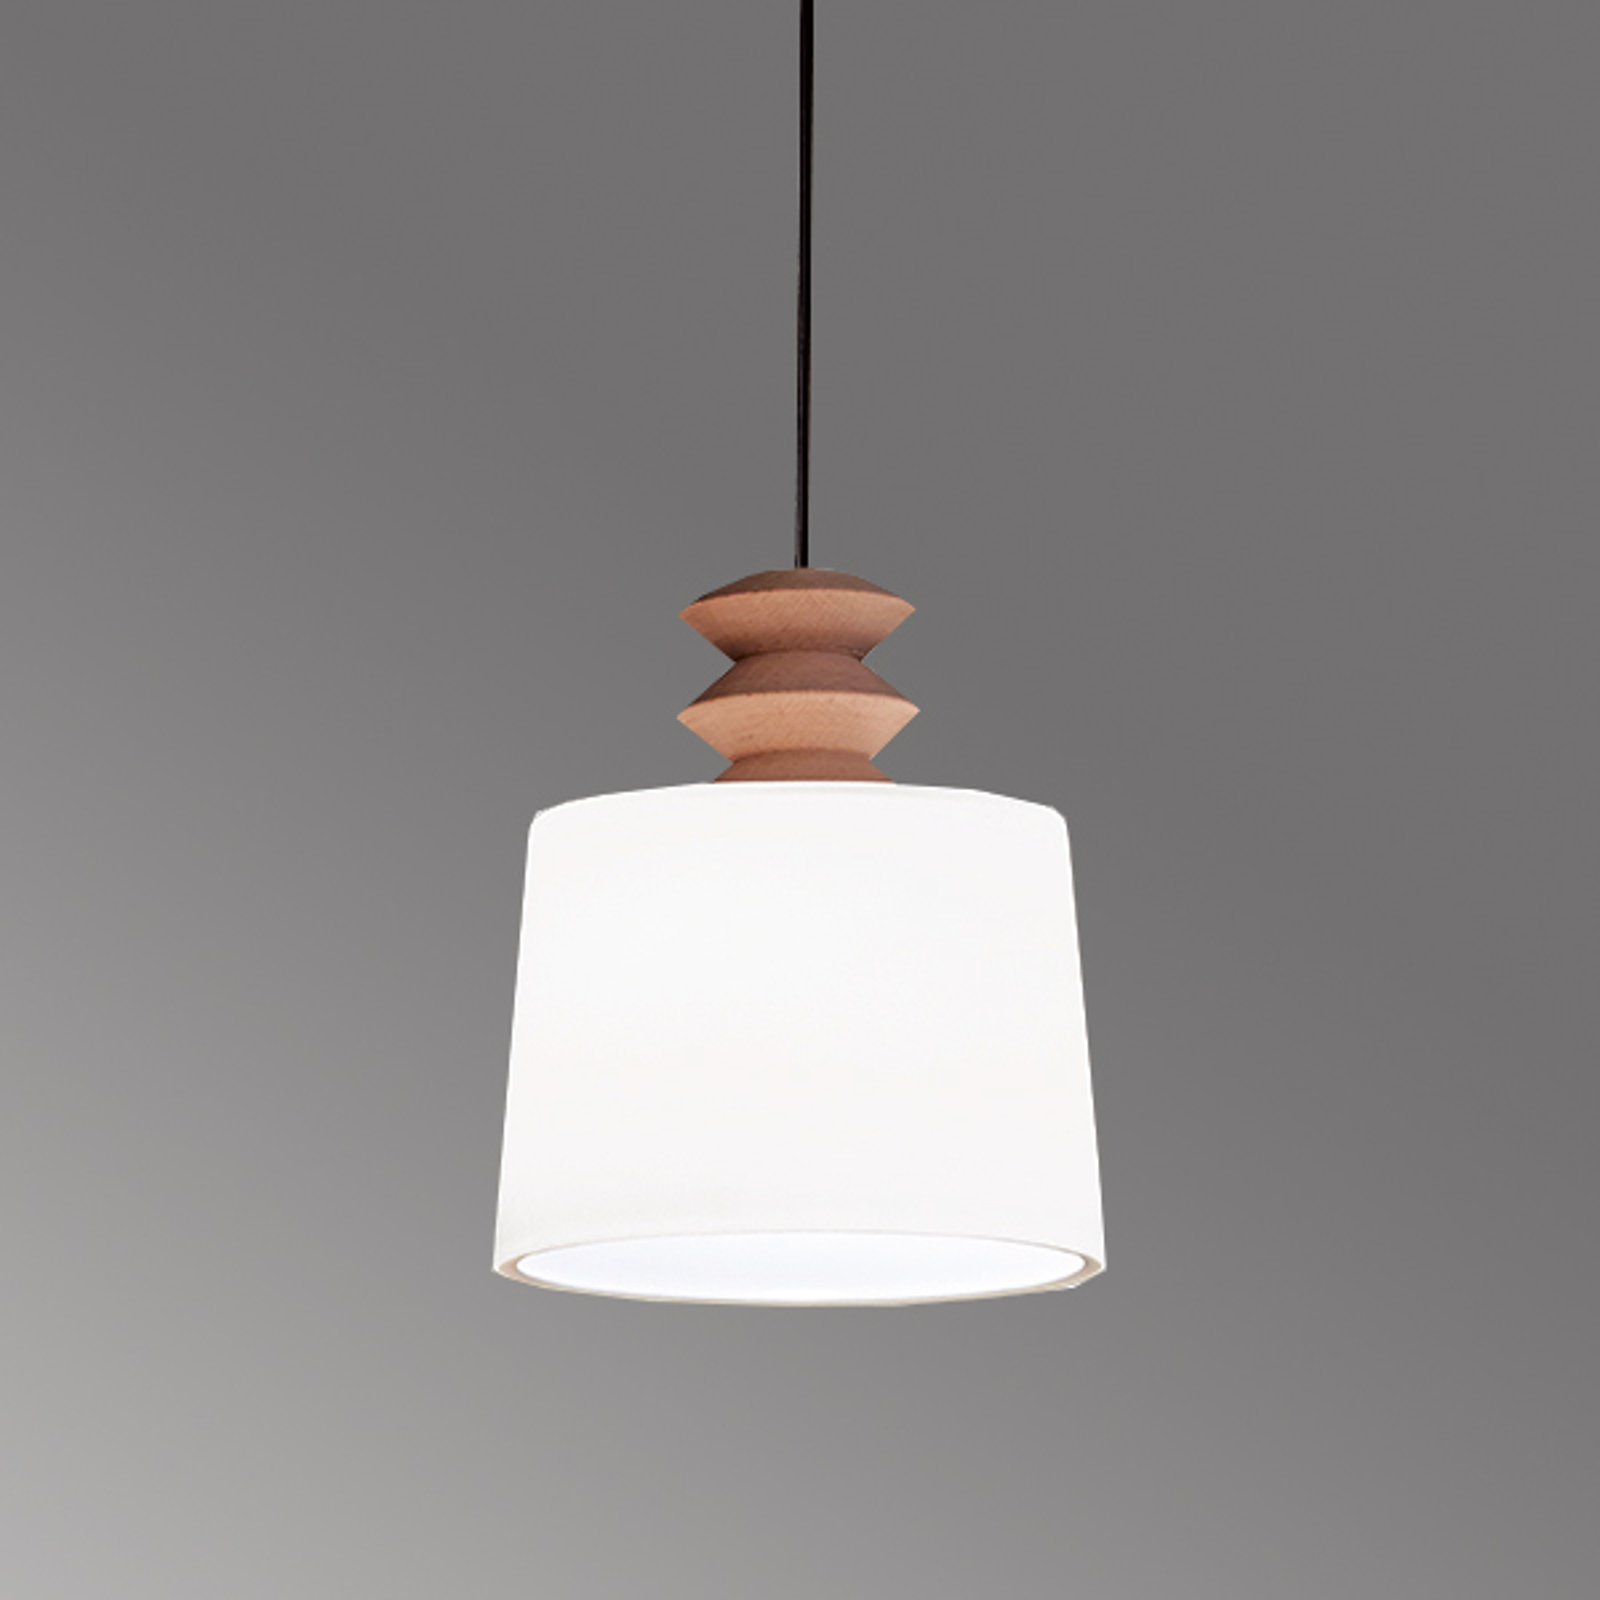 Lampa wisząca Eduardo ze szkła, drewniany element